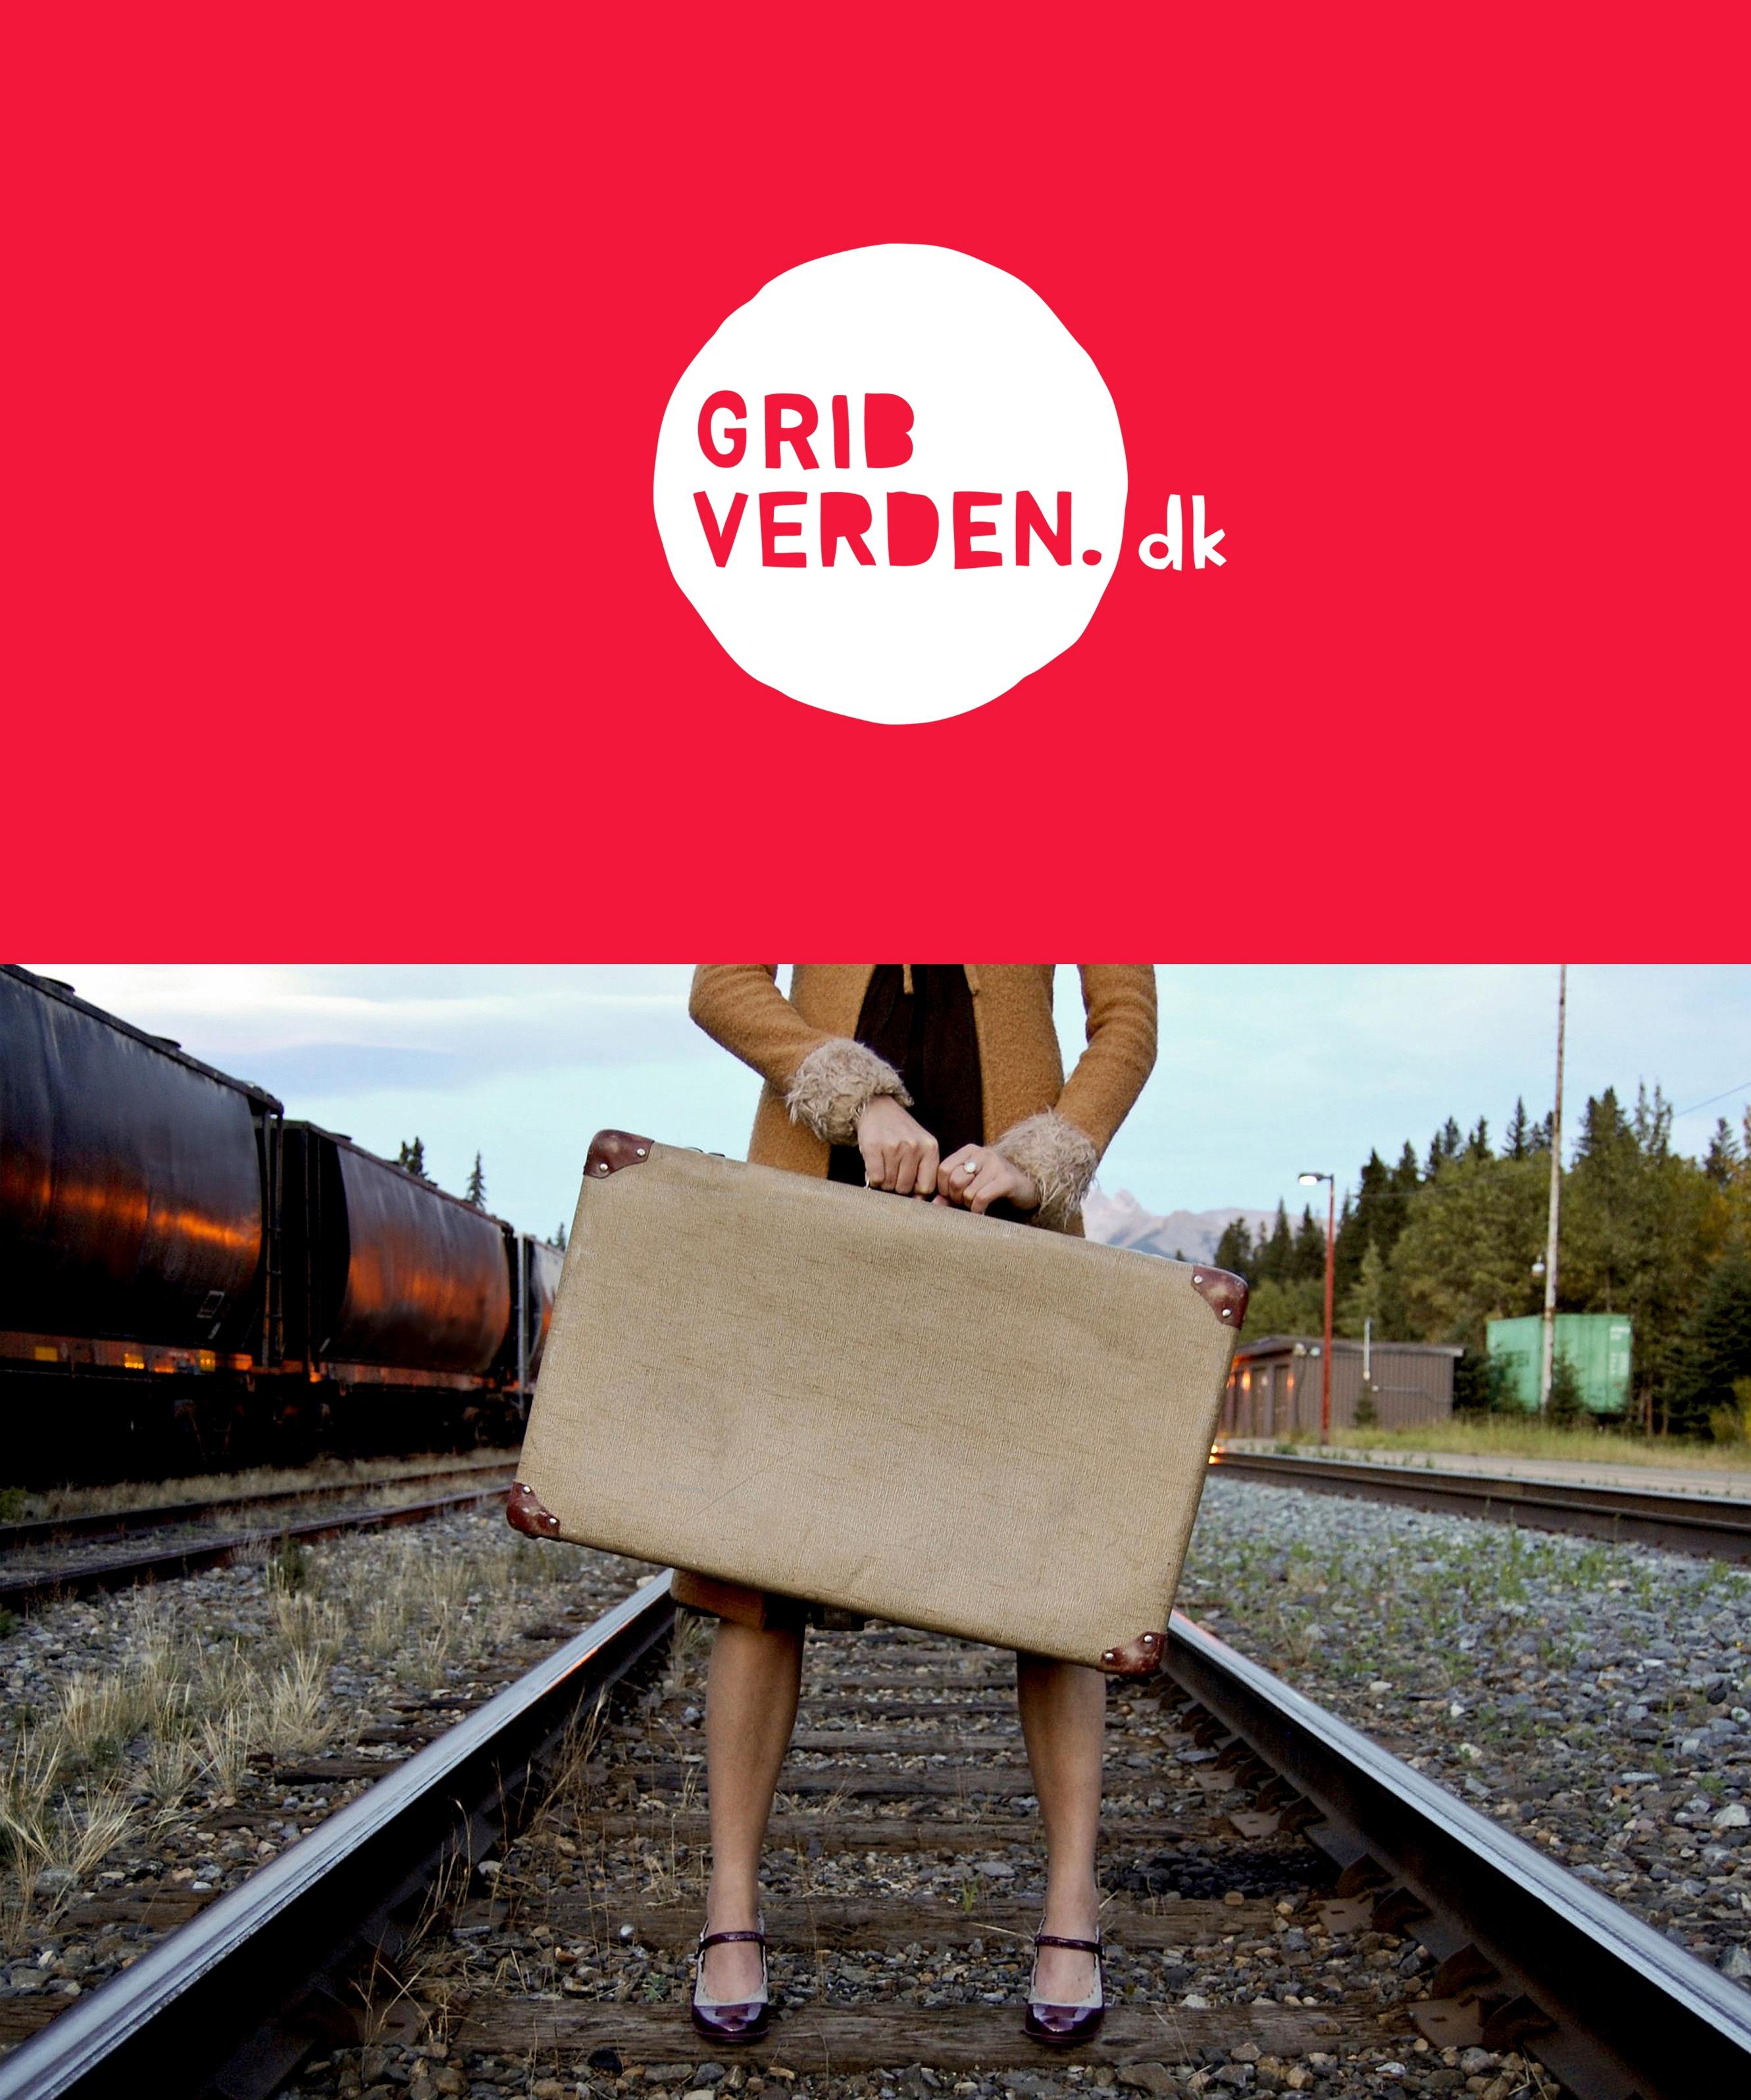 Logo for Grib Verden